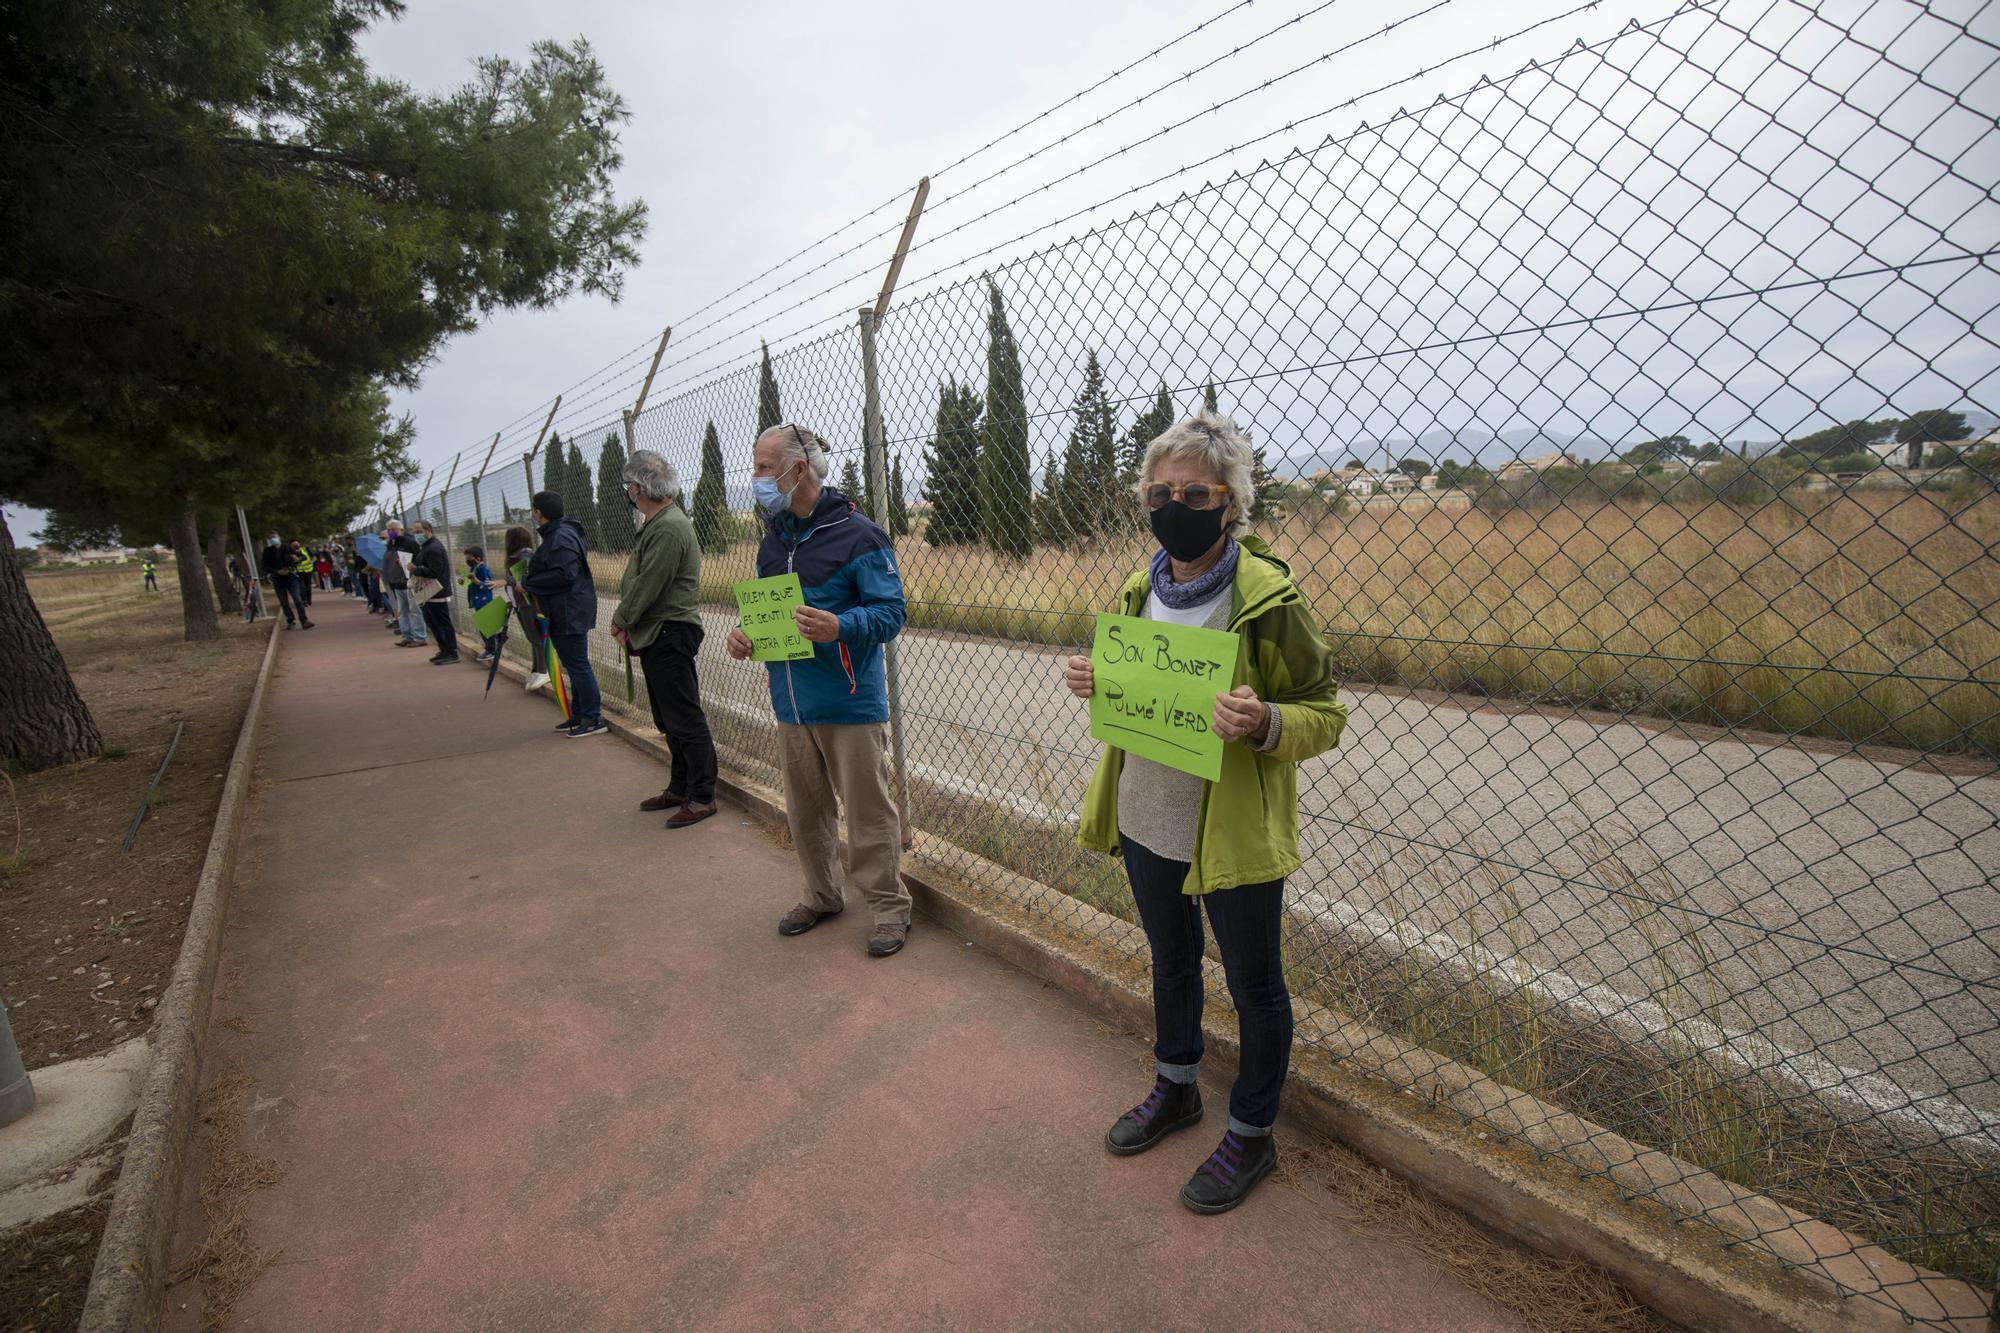 Cientos de personas participan en la cadena humana contra el parque fotovoltaico de Son Bonet